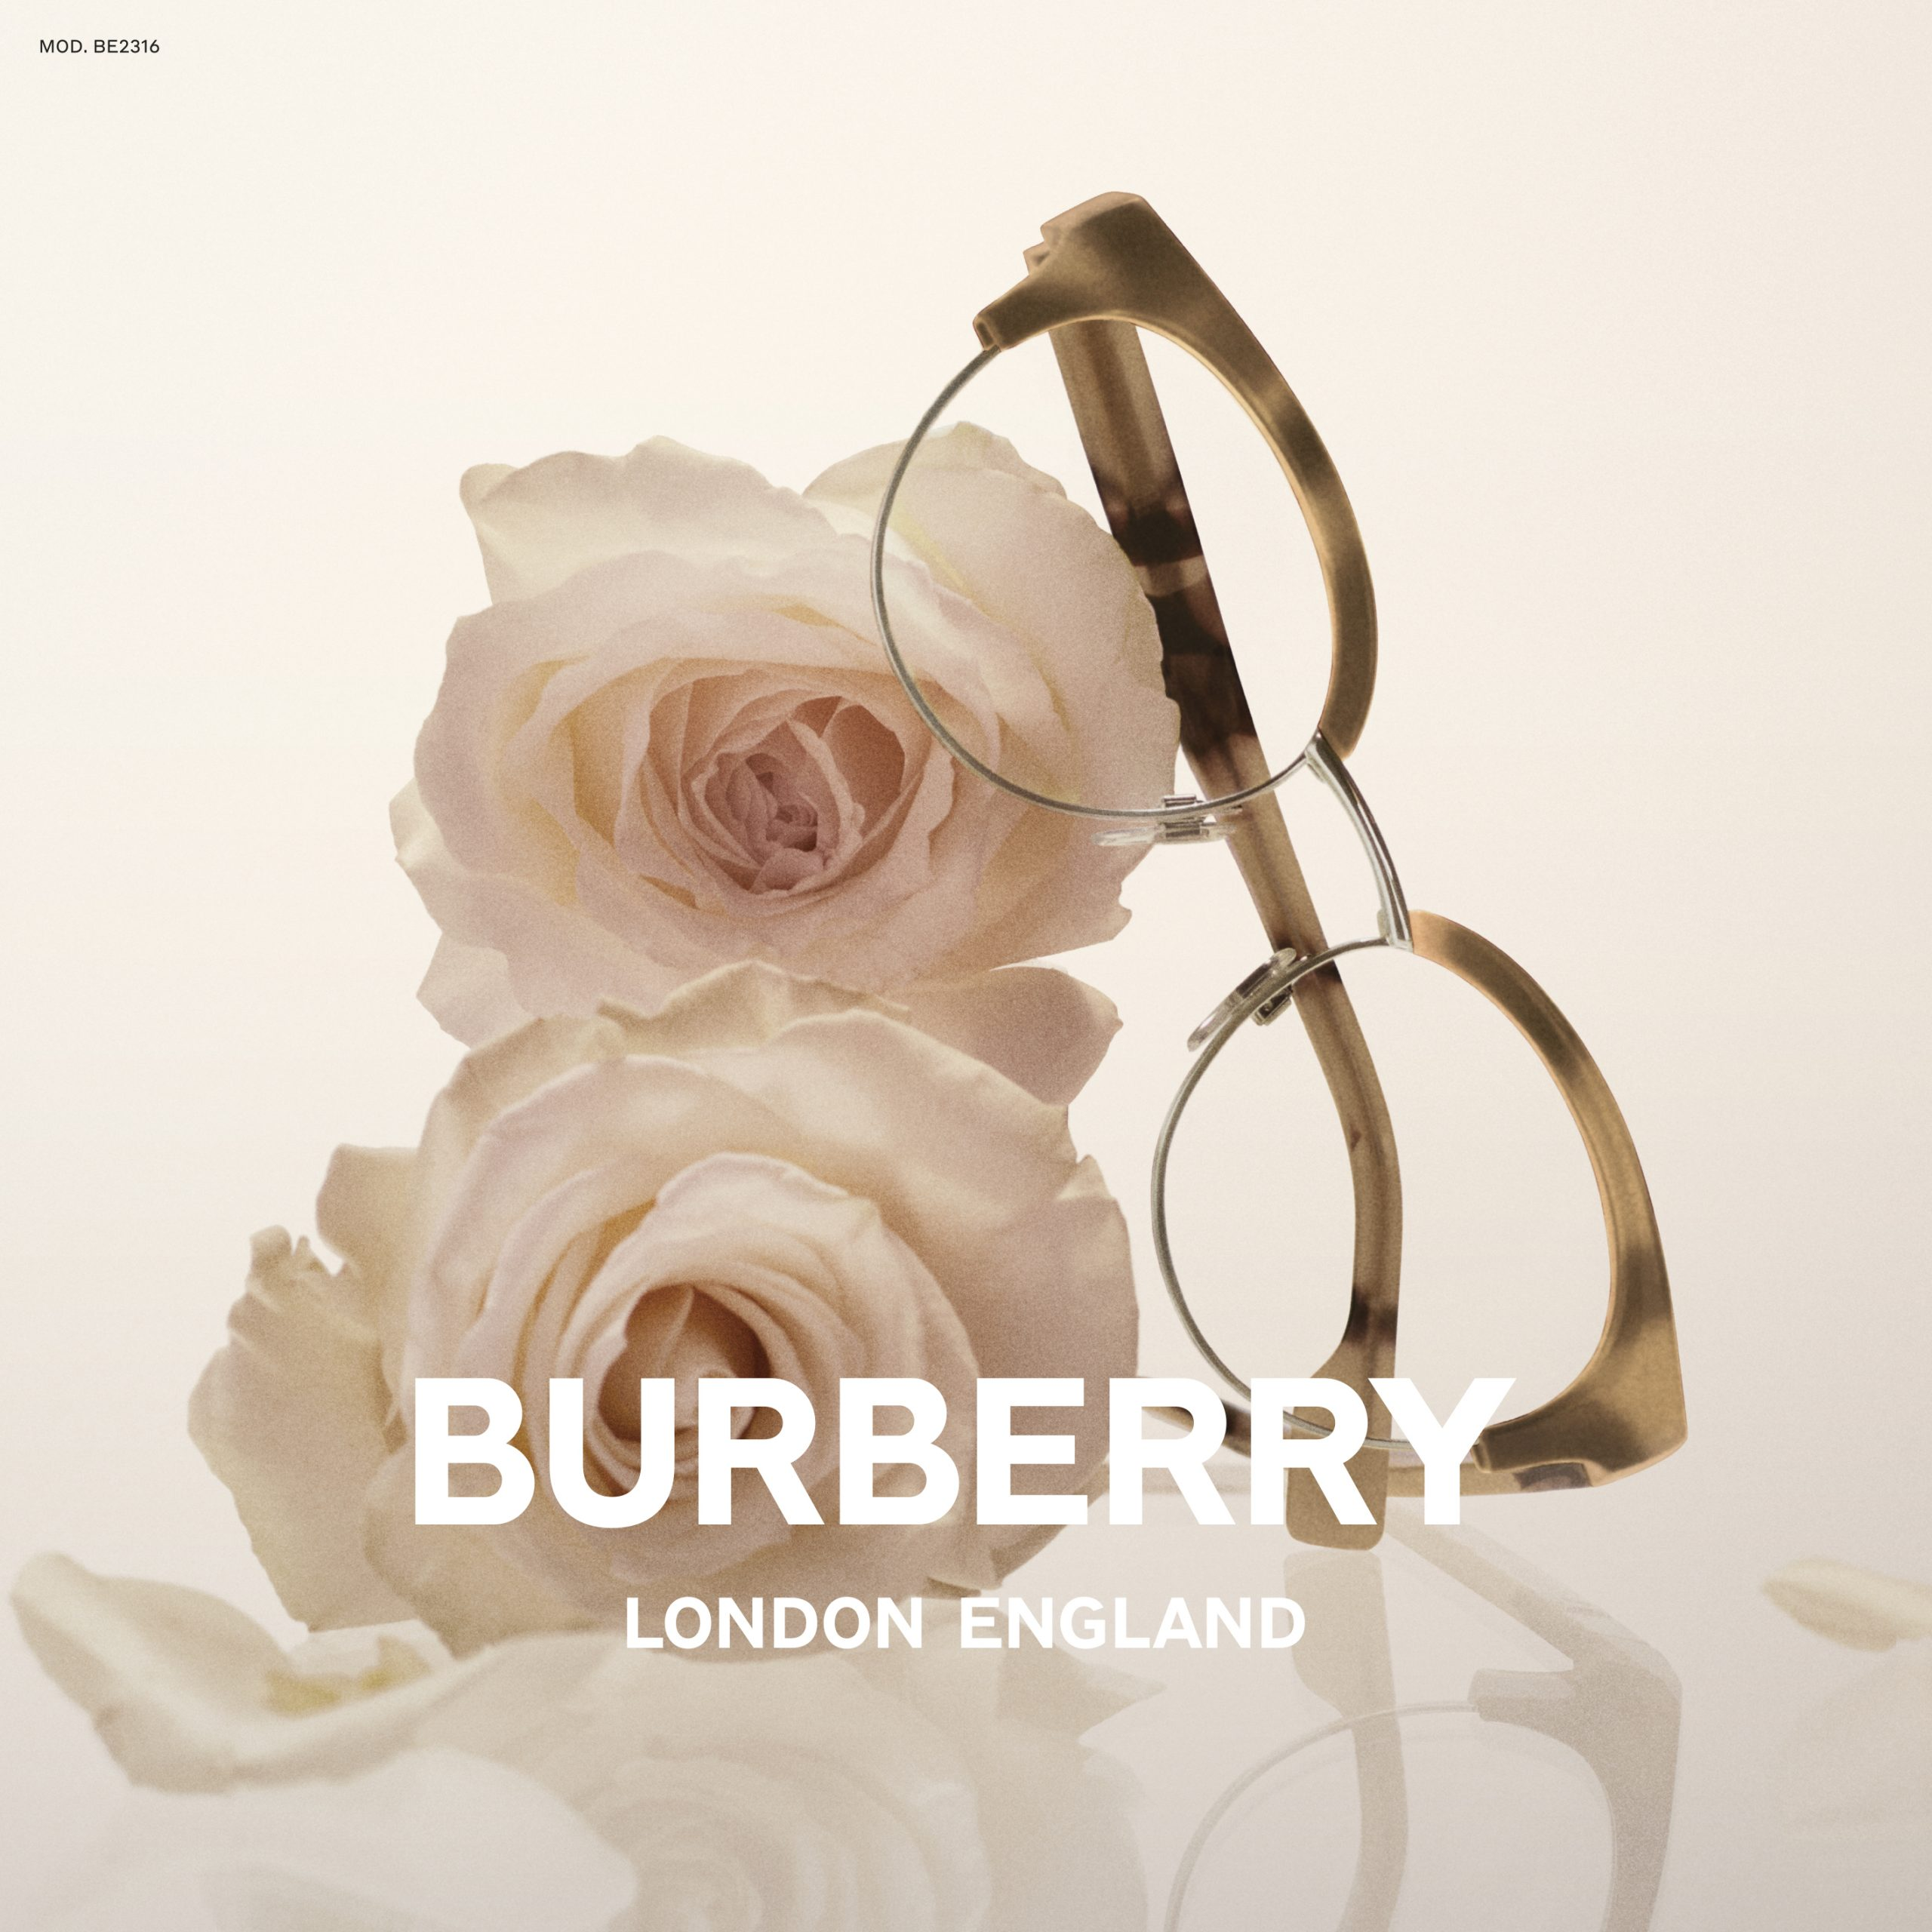 Burberry 5 - Ótica Pitosga